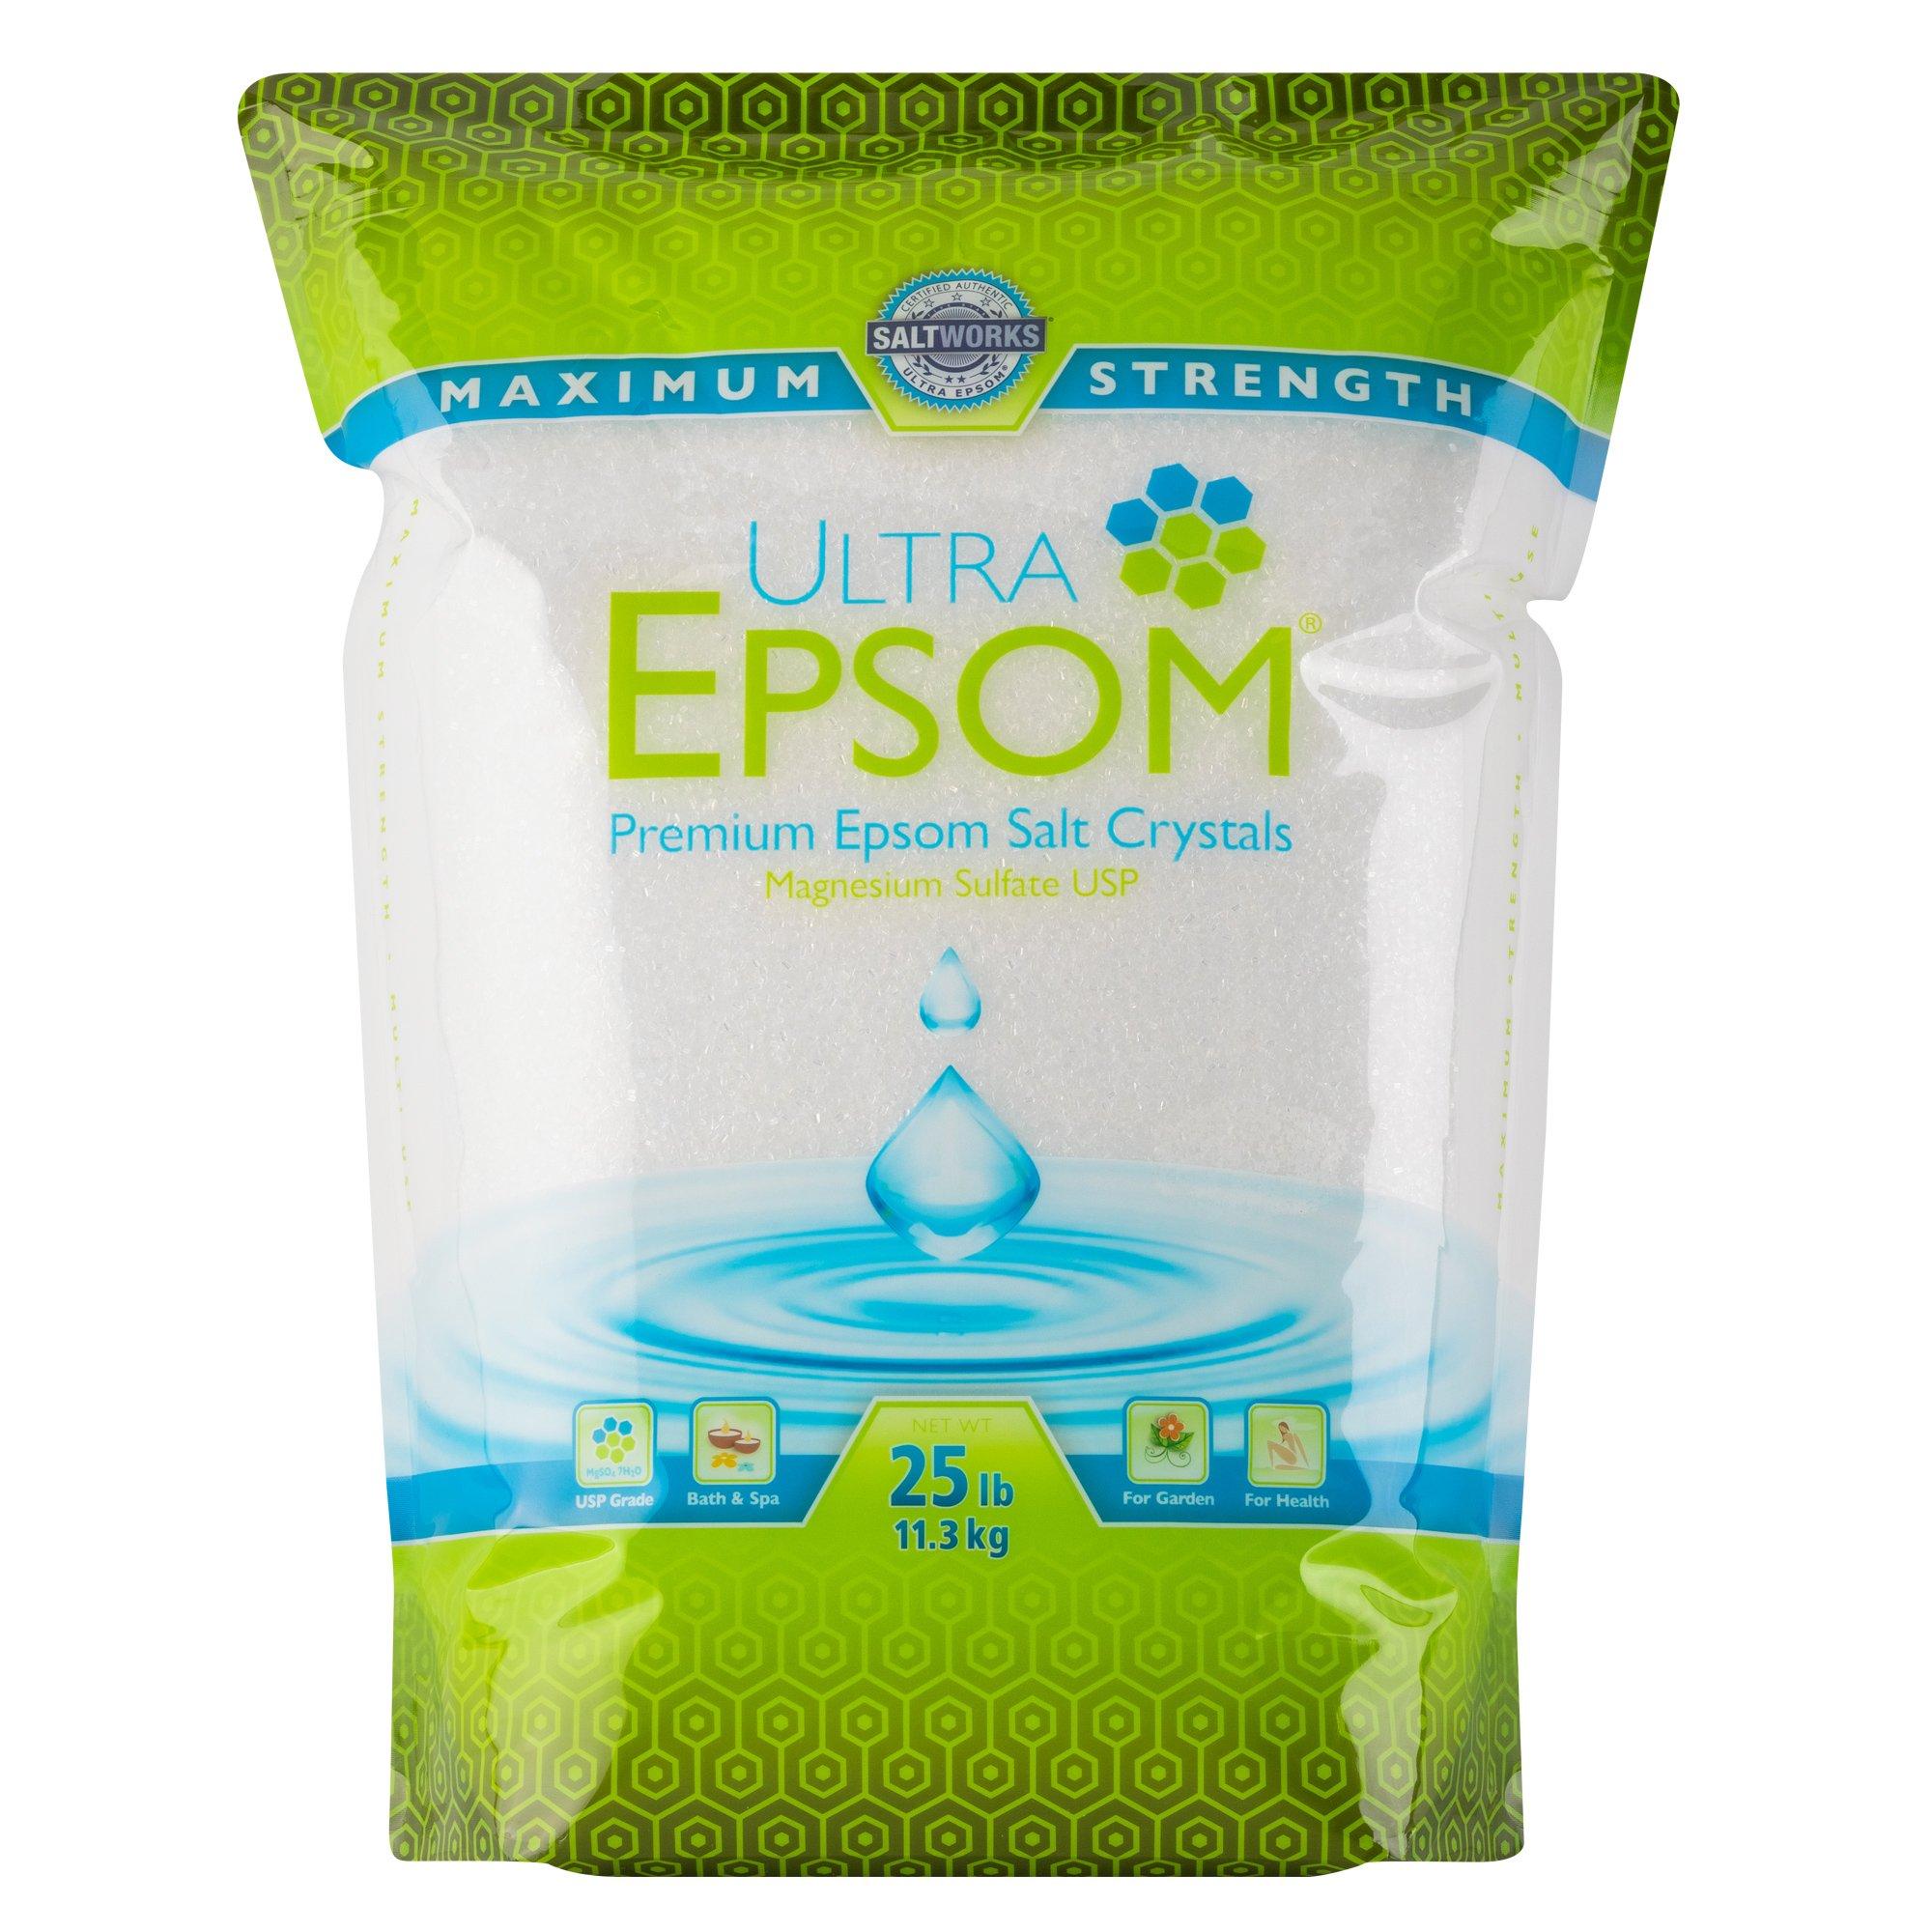 Ultra Epsom Premium Epsom Salt, Medium - 25 lb Bag by SaltWorks